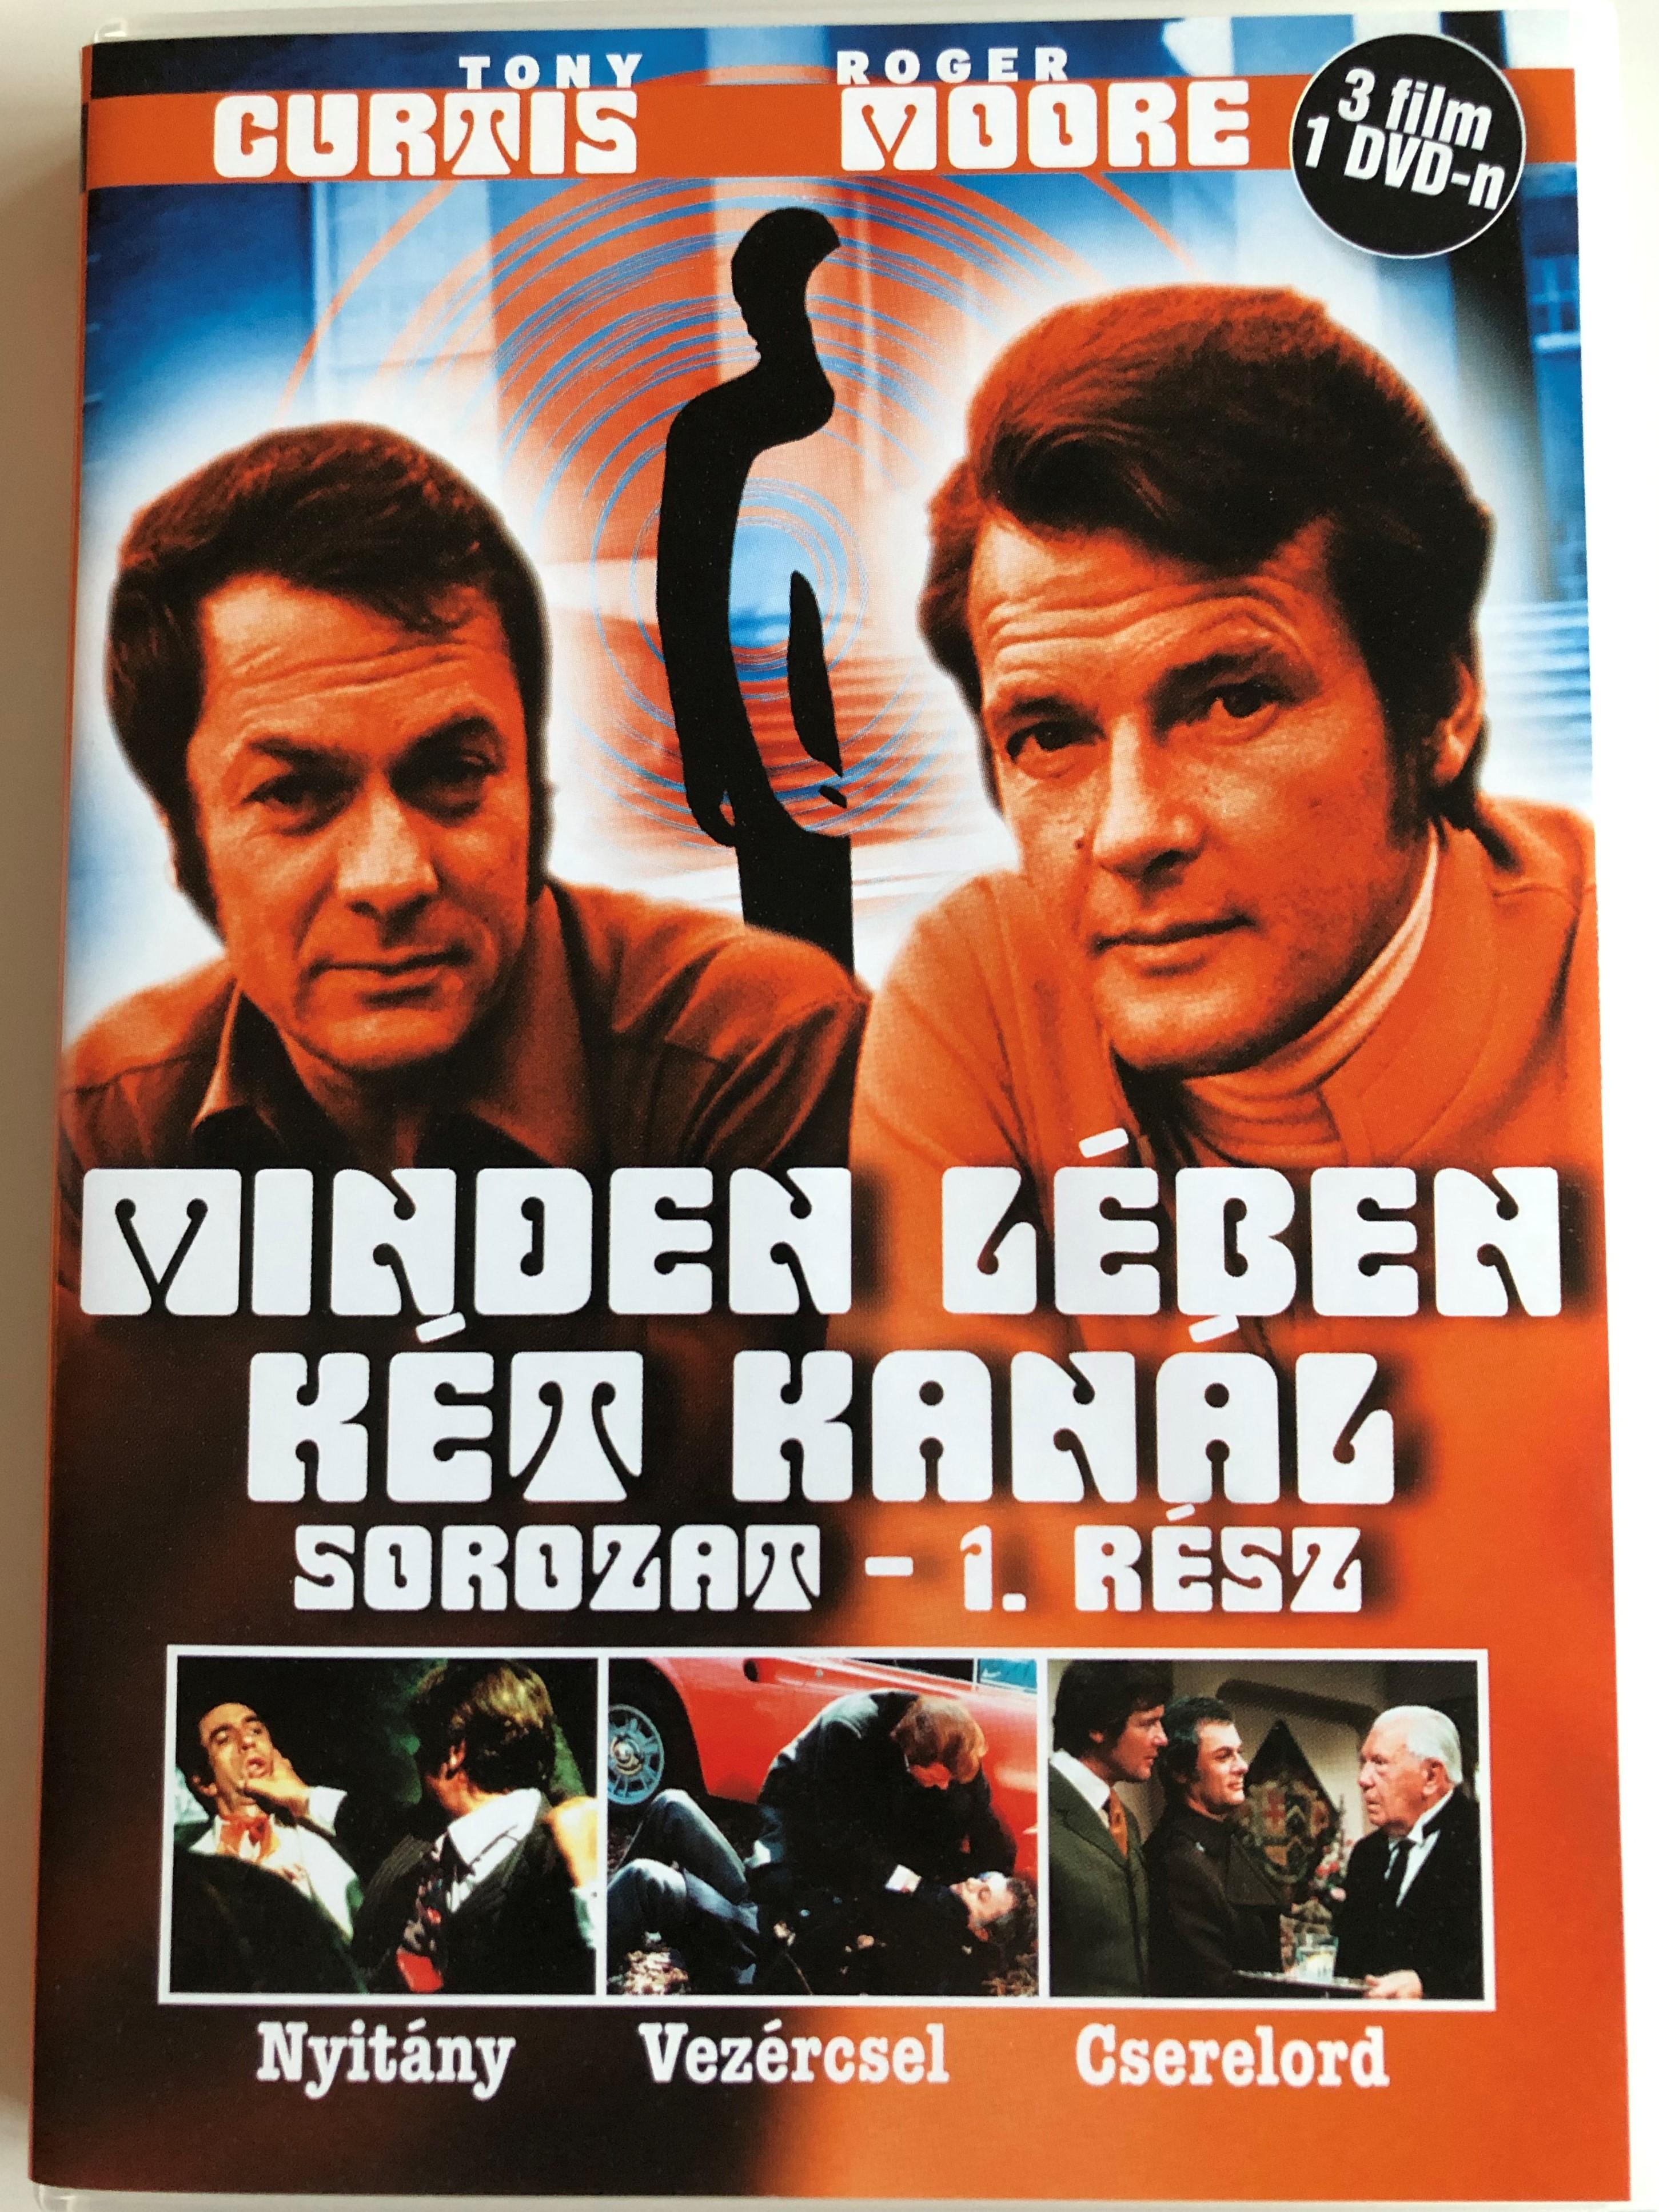 the-persuaders-series-vol-1.-dvd-1971-minden-l-ben-k-t-kan-l-sorozat-1.-r-sz-1.jpg